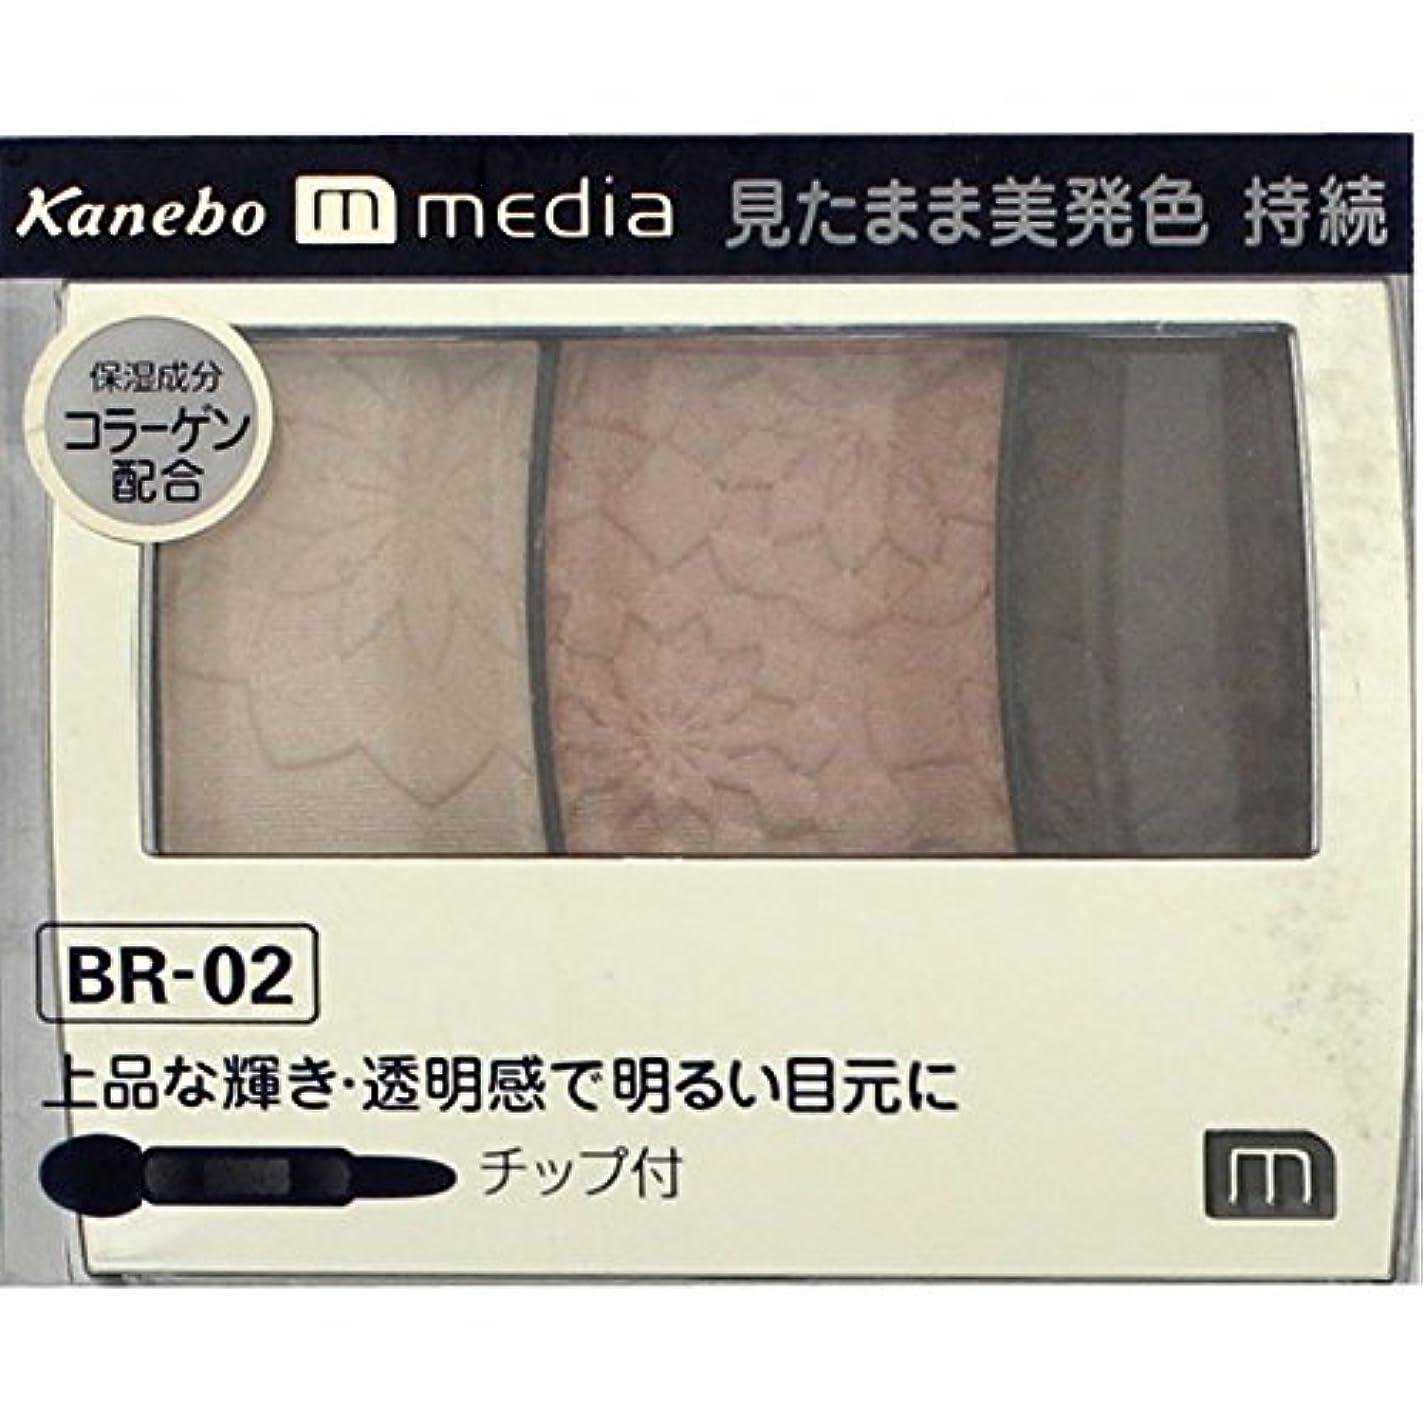 準備した農村バックアップ【カネボウ】 メディア グラデカラーアイシャドウ BR-02